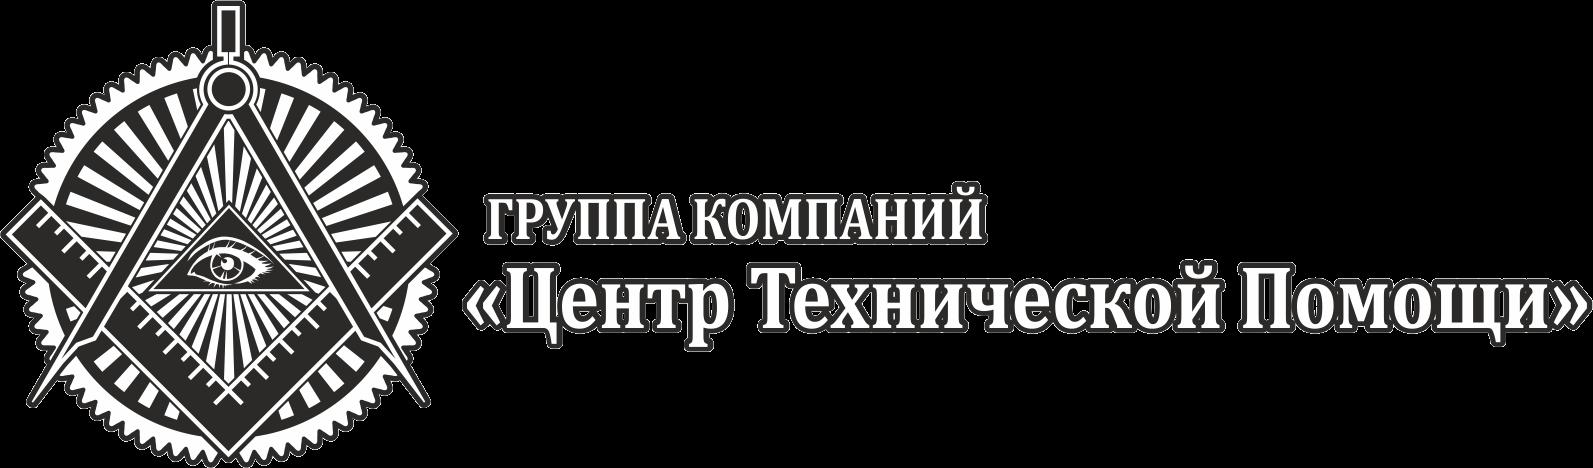 """Группа компаний """"Центр Технической Помощи"""""""